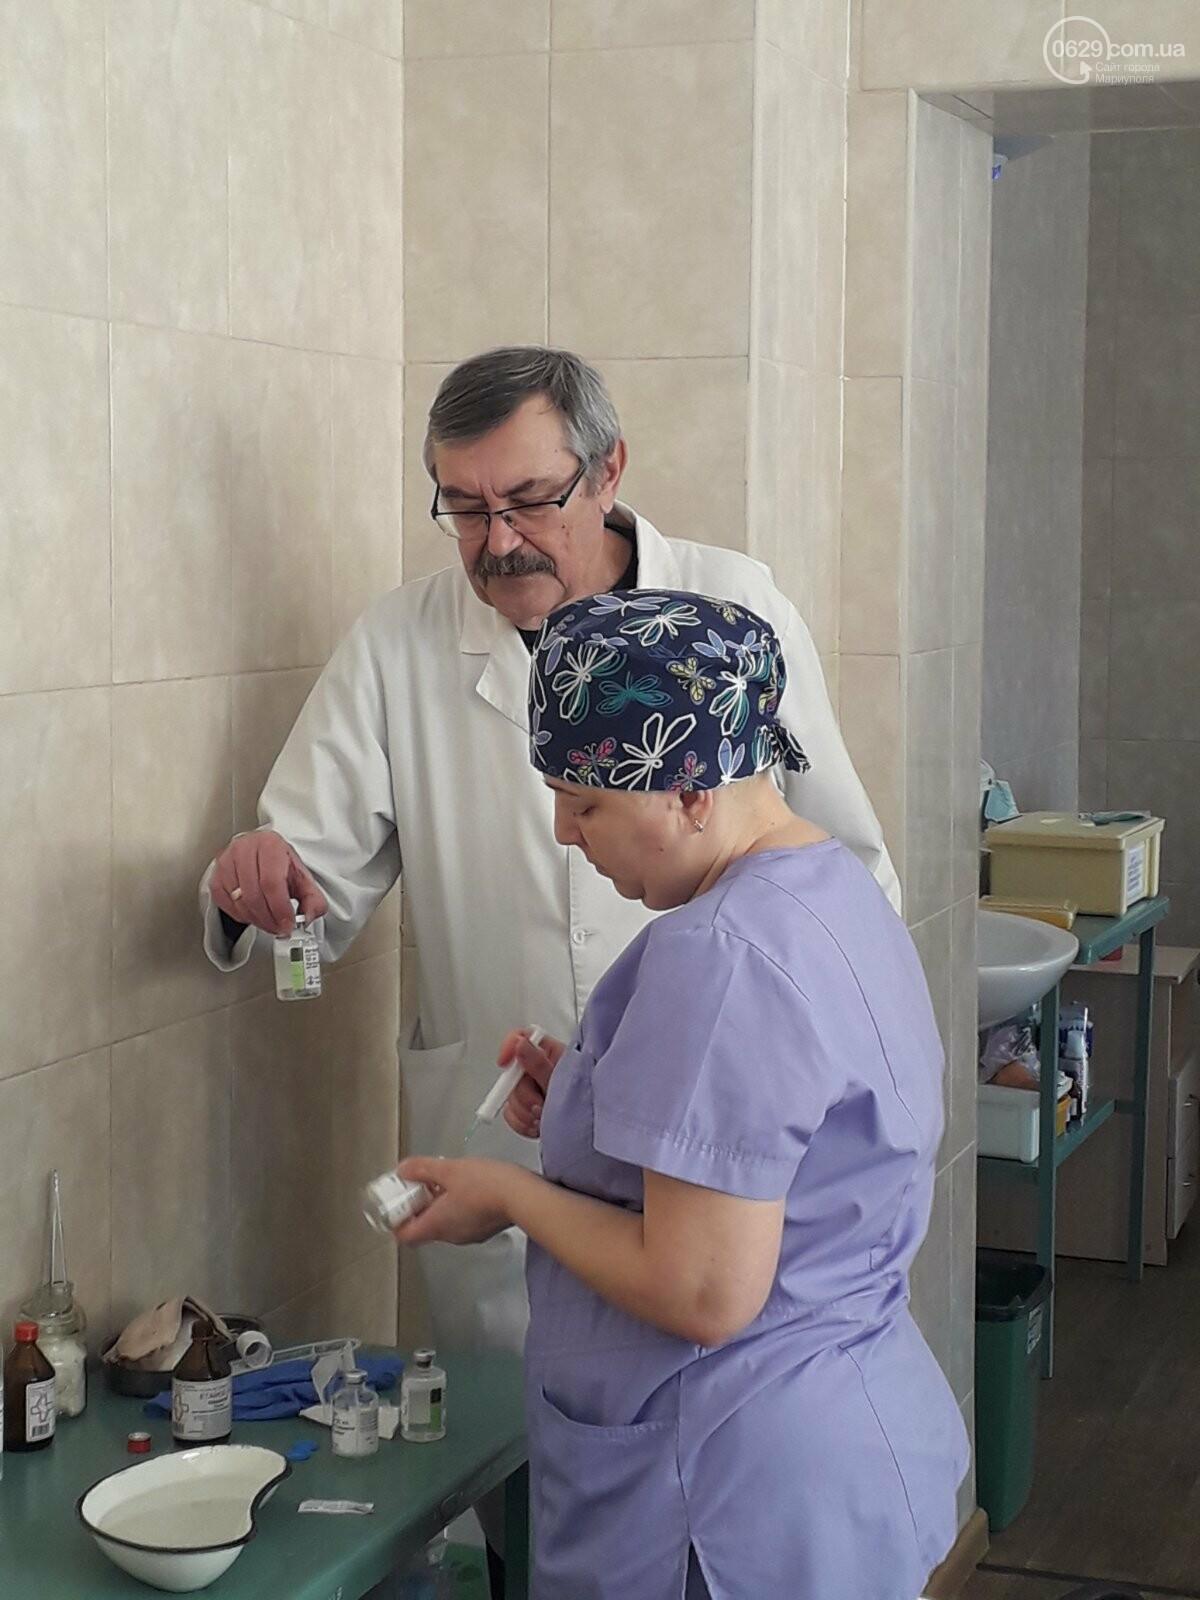 10 причин, чтобы умереть, и одно важное знание, чтобы выжить. Как в Мариупольской городской больнице №4  спасают от инсульта, фото-6